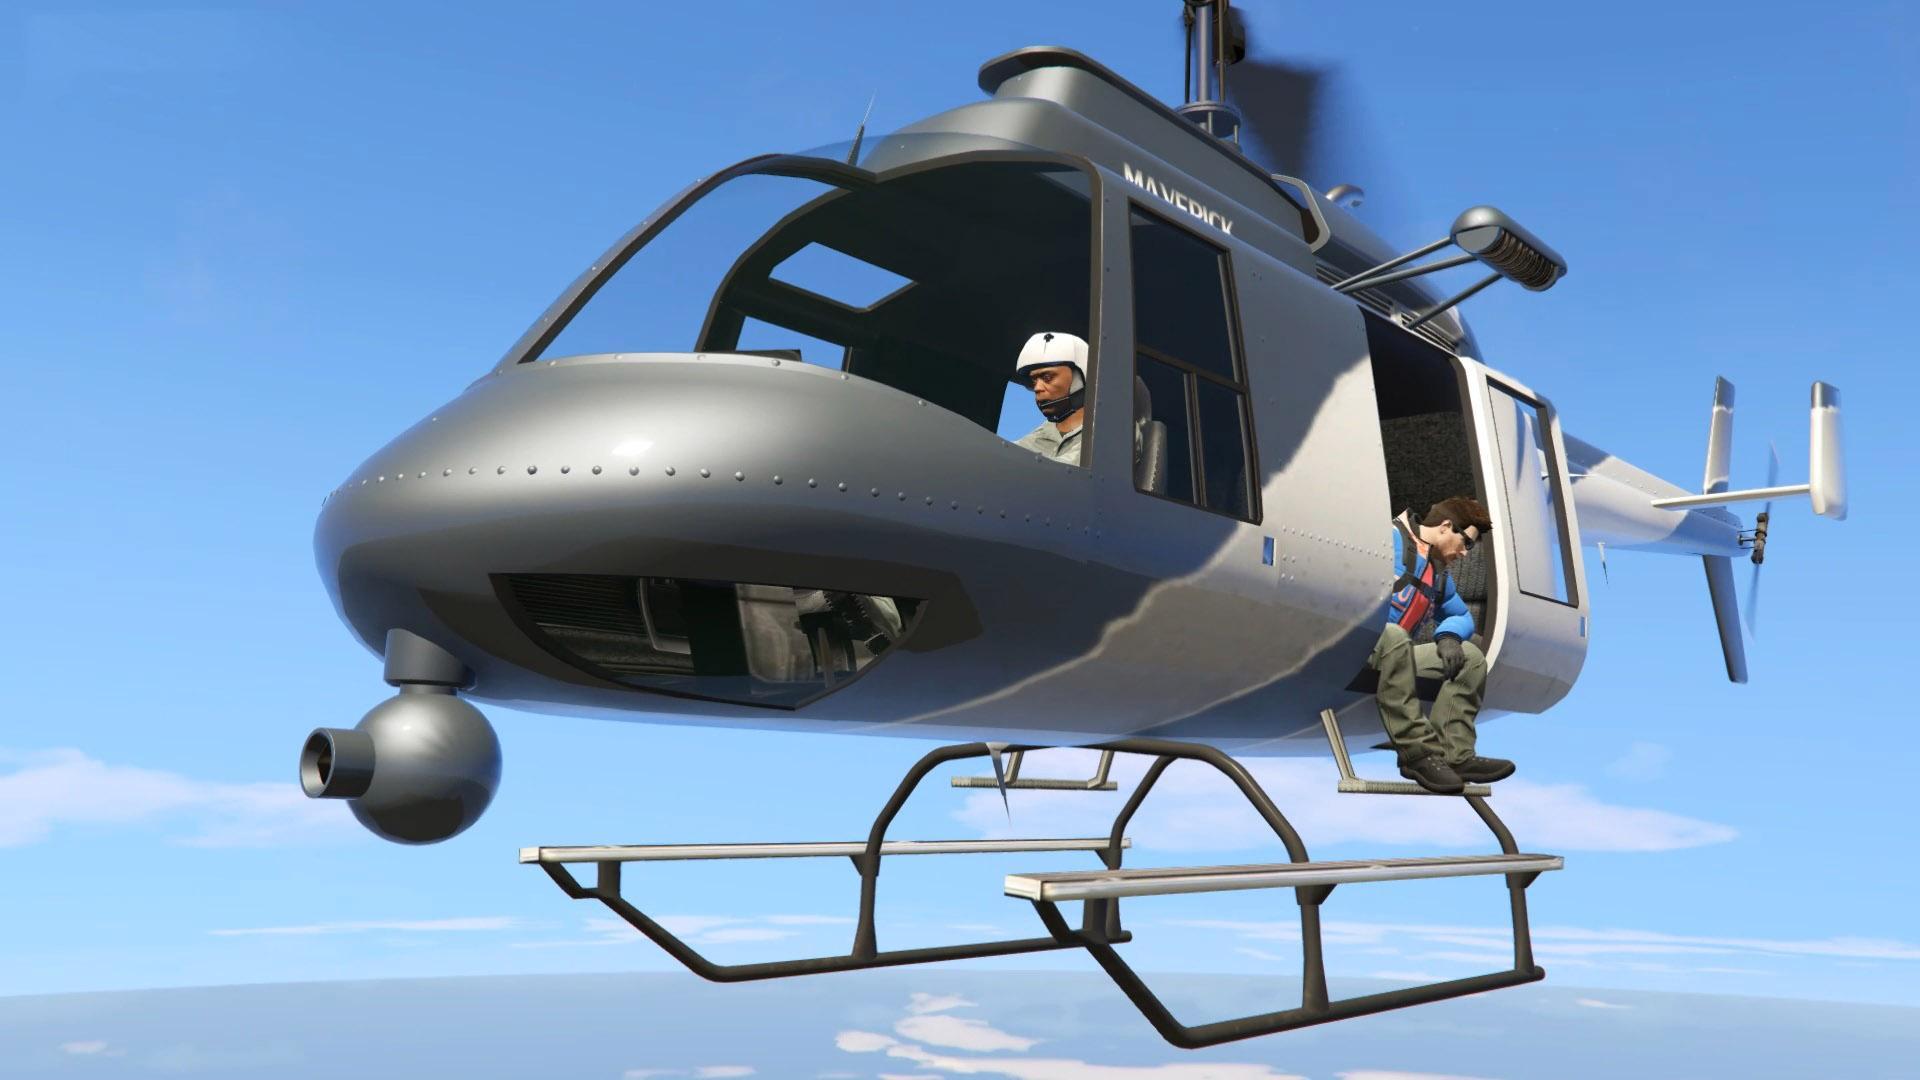 模拟大自然:我是极限跳伞运动员,我的高难度动作是用脸着地